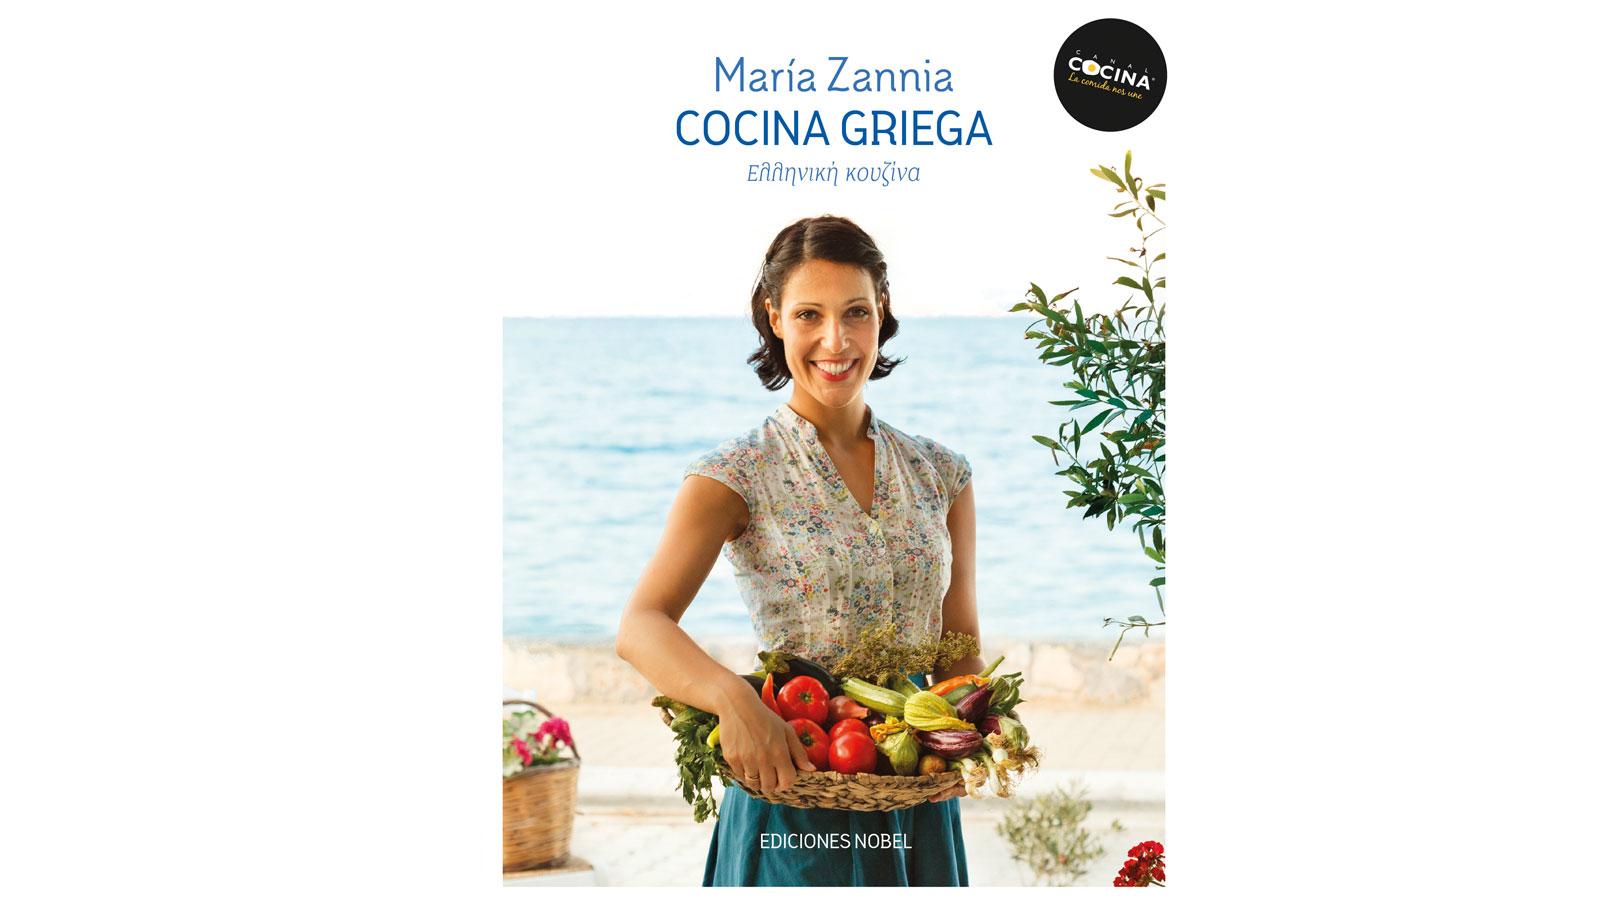 María Zannia